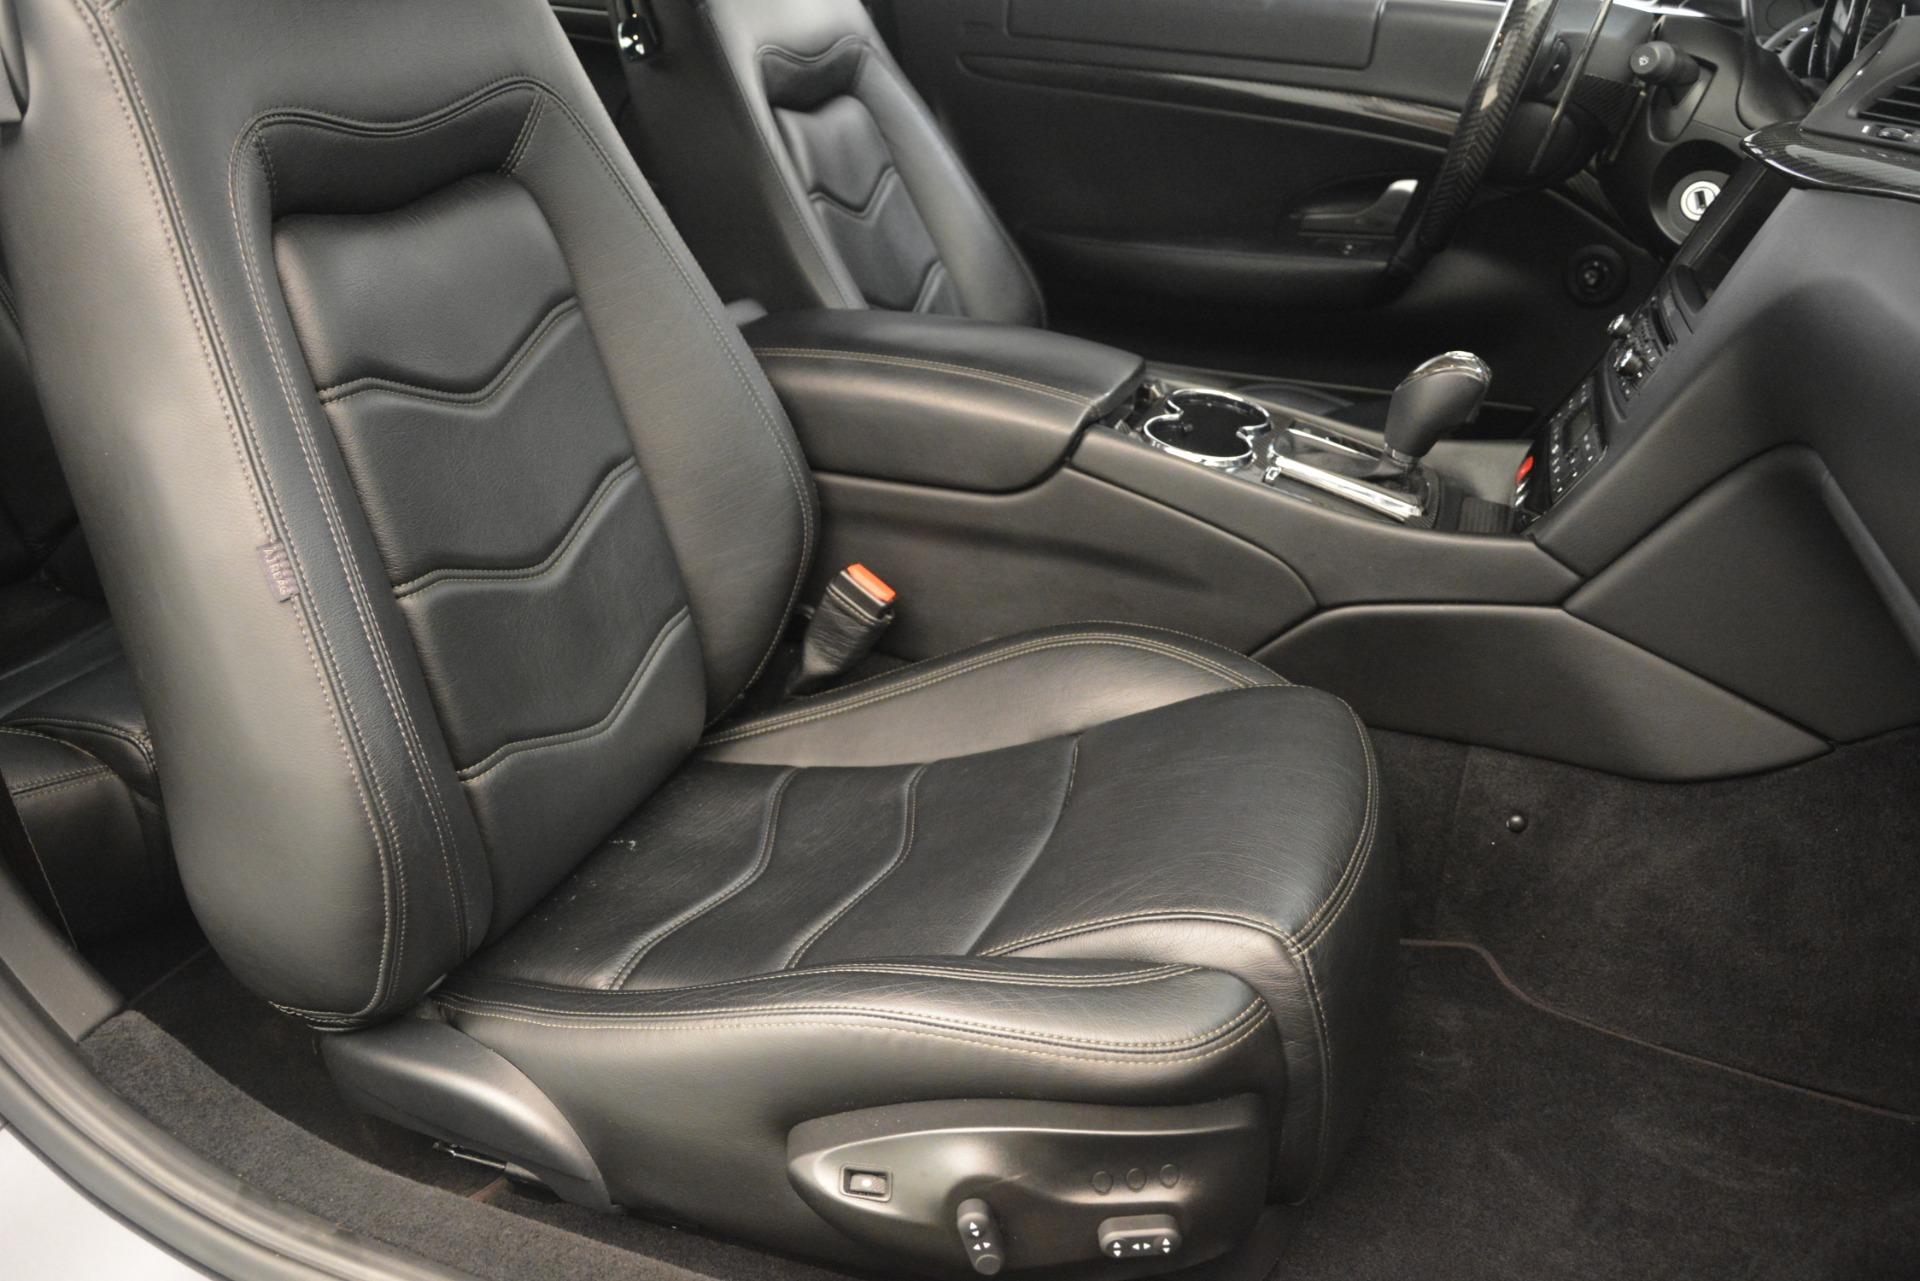 Used 2012 Maserati GranTurismo MC For Sale In Greenwich, CT 1284_p22